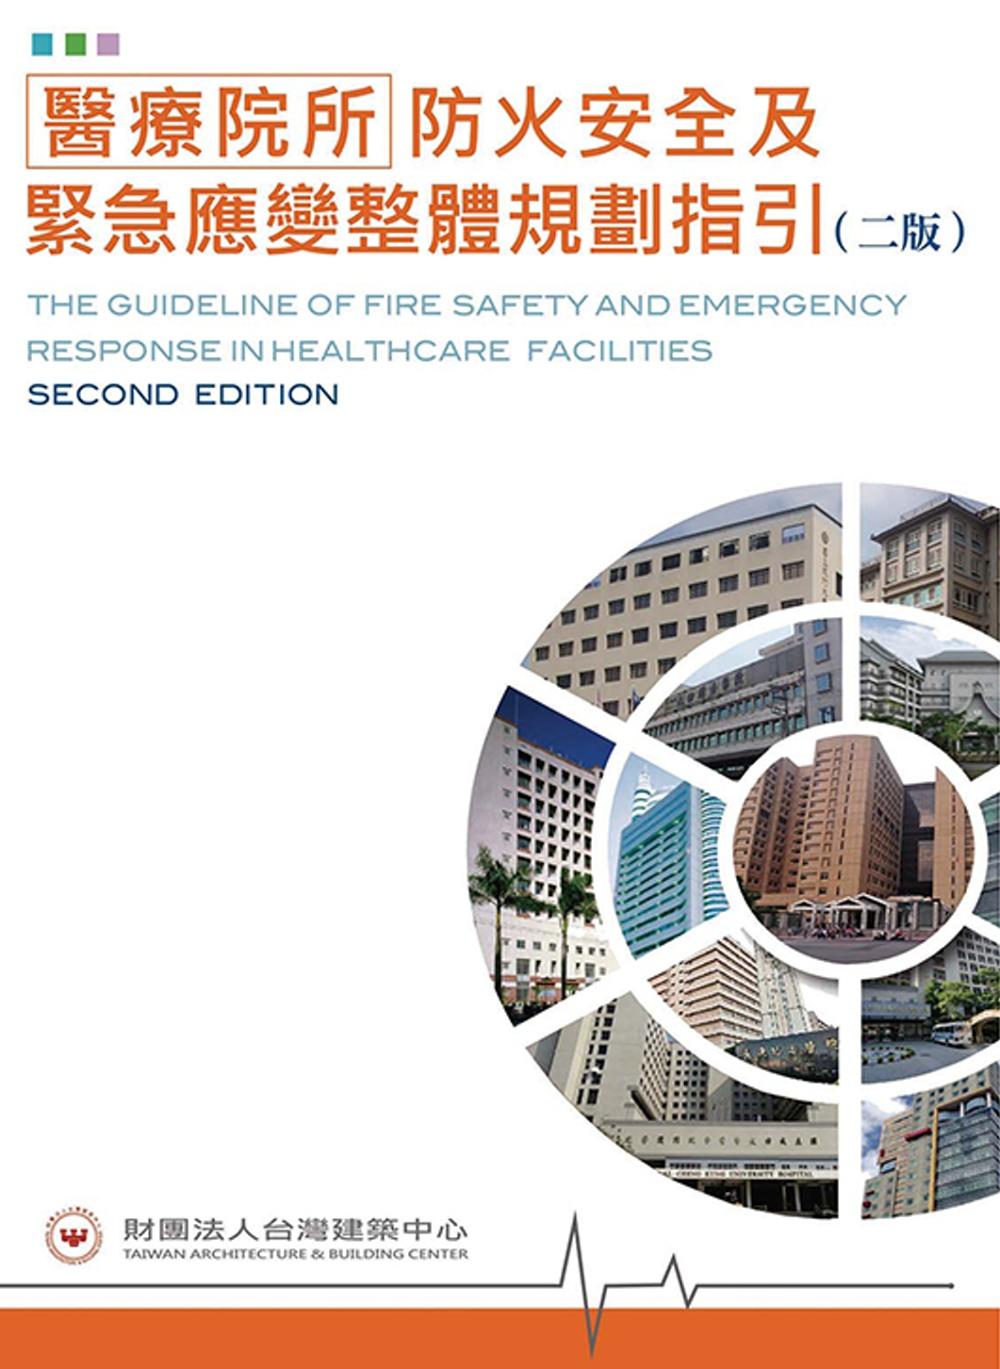 醫療院所防火安全及緊急應變整體規劃指引(二版)